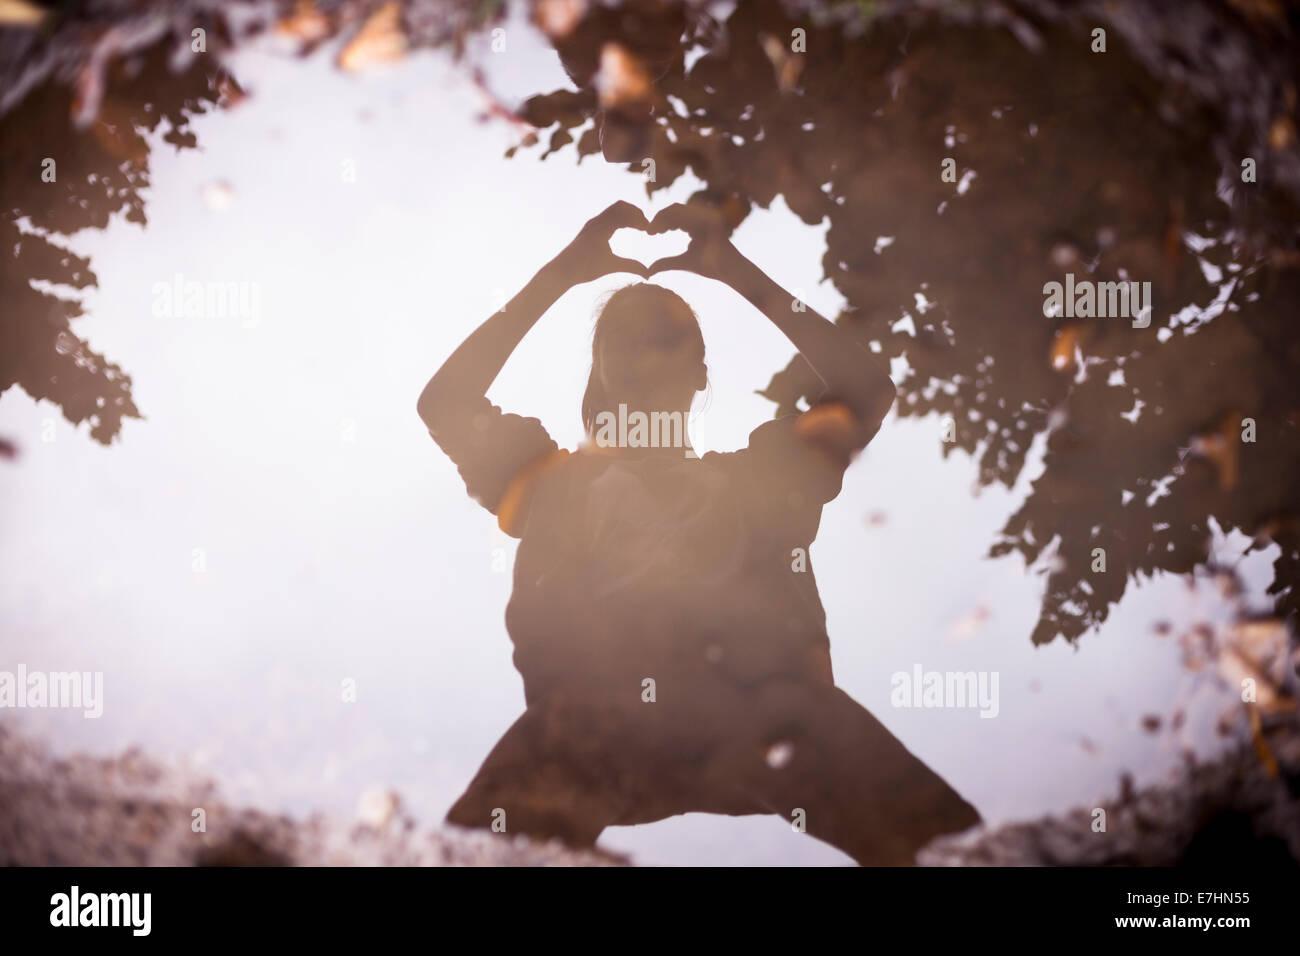 Reflejo en un charco de una persona que forma un corazón con sus manos. Imagen De Stock